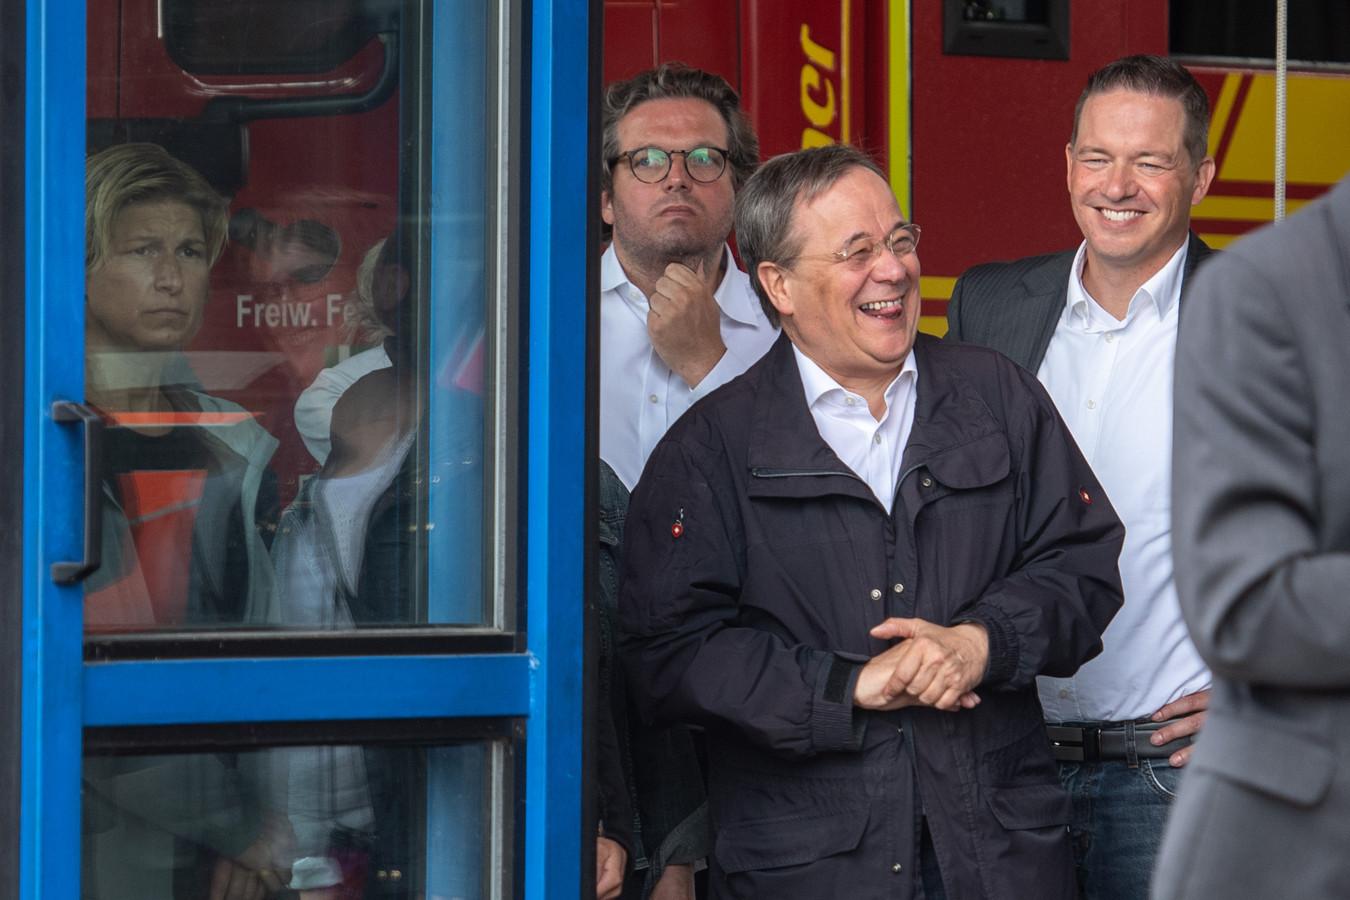 Armin Laschet, président des chrétiens-démocrates allemands (CDU) et tête de liste pour les prochaines élections, a été fortement critiqué ces derniers jours après avoir éclaté de rire lors de sa visite des régions sinistrées par les inondations. L'image de son rire avait été capturée alors que le président Frank-Walter Steinmeier exprimait ses condoléances aux victimes.